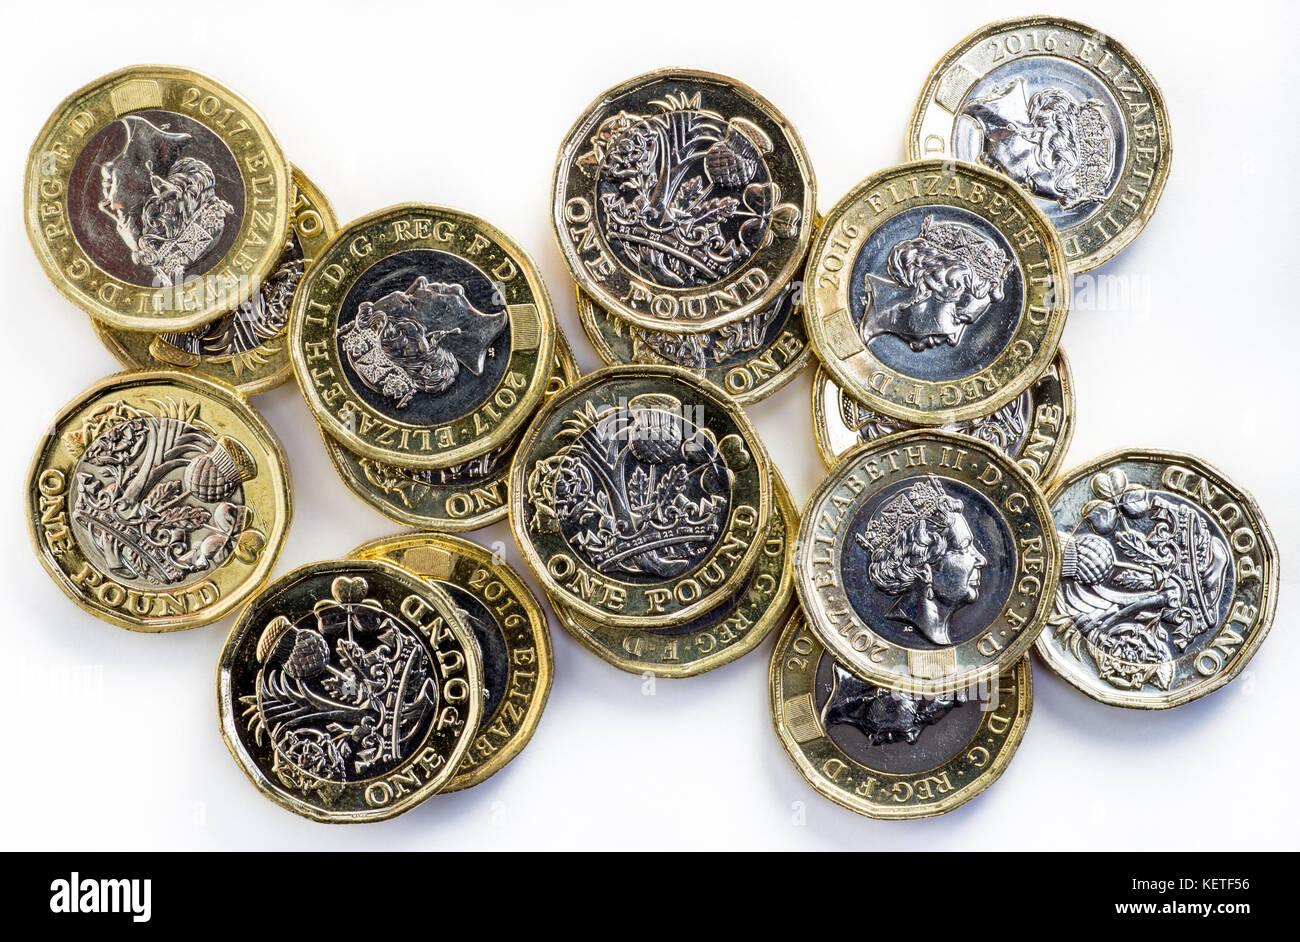 2017 Neue Britische Pfund Münzen Stockfoto Bild 164037250 Alamy